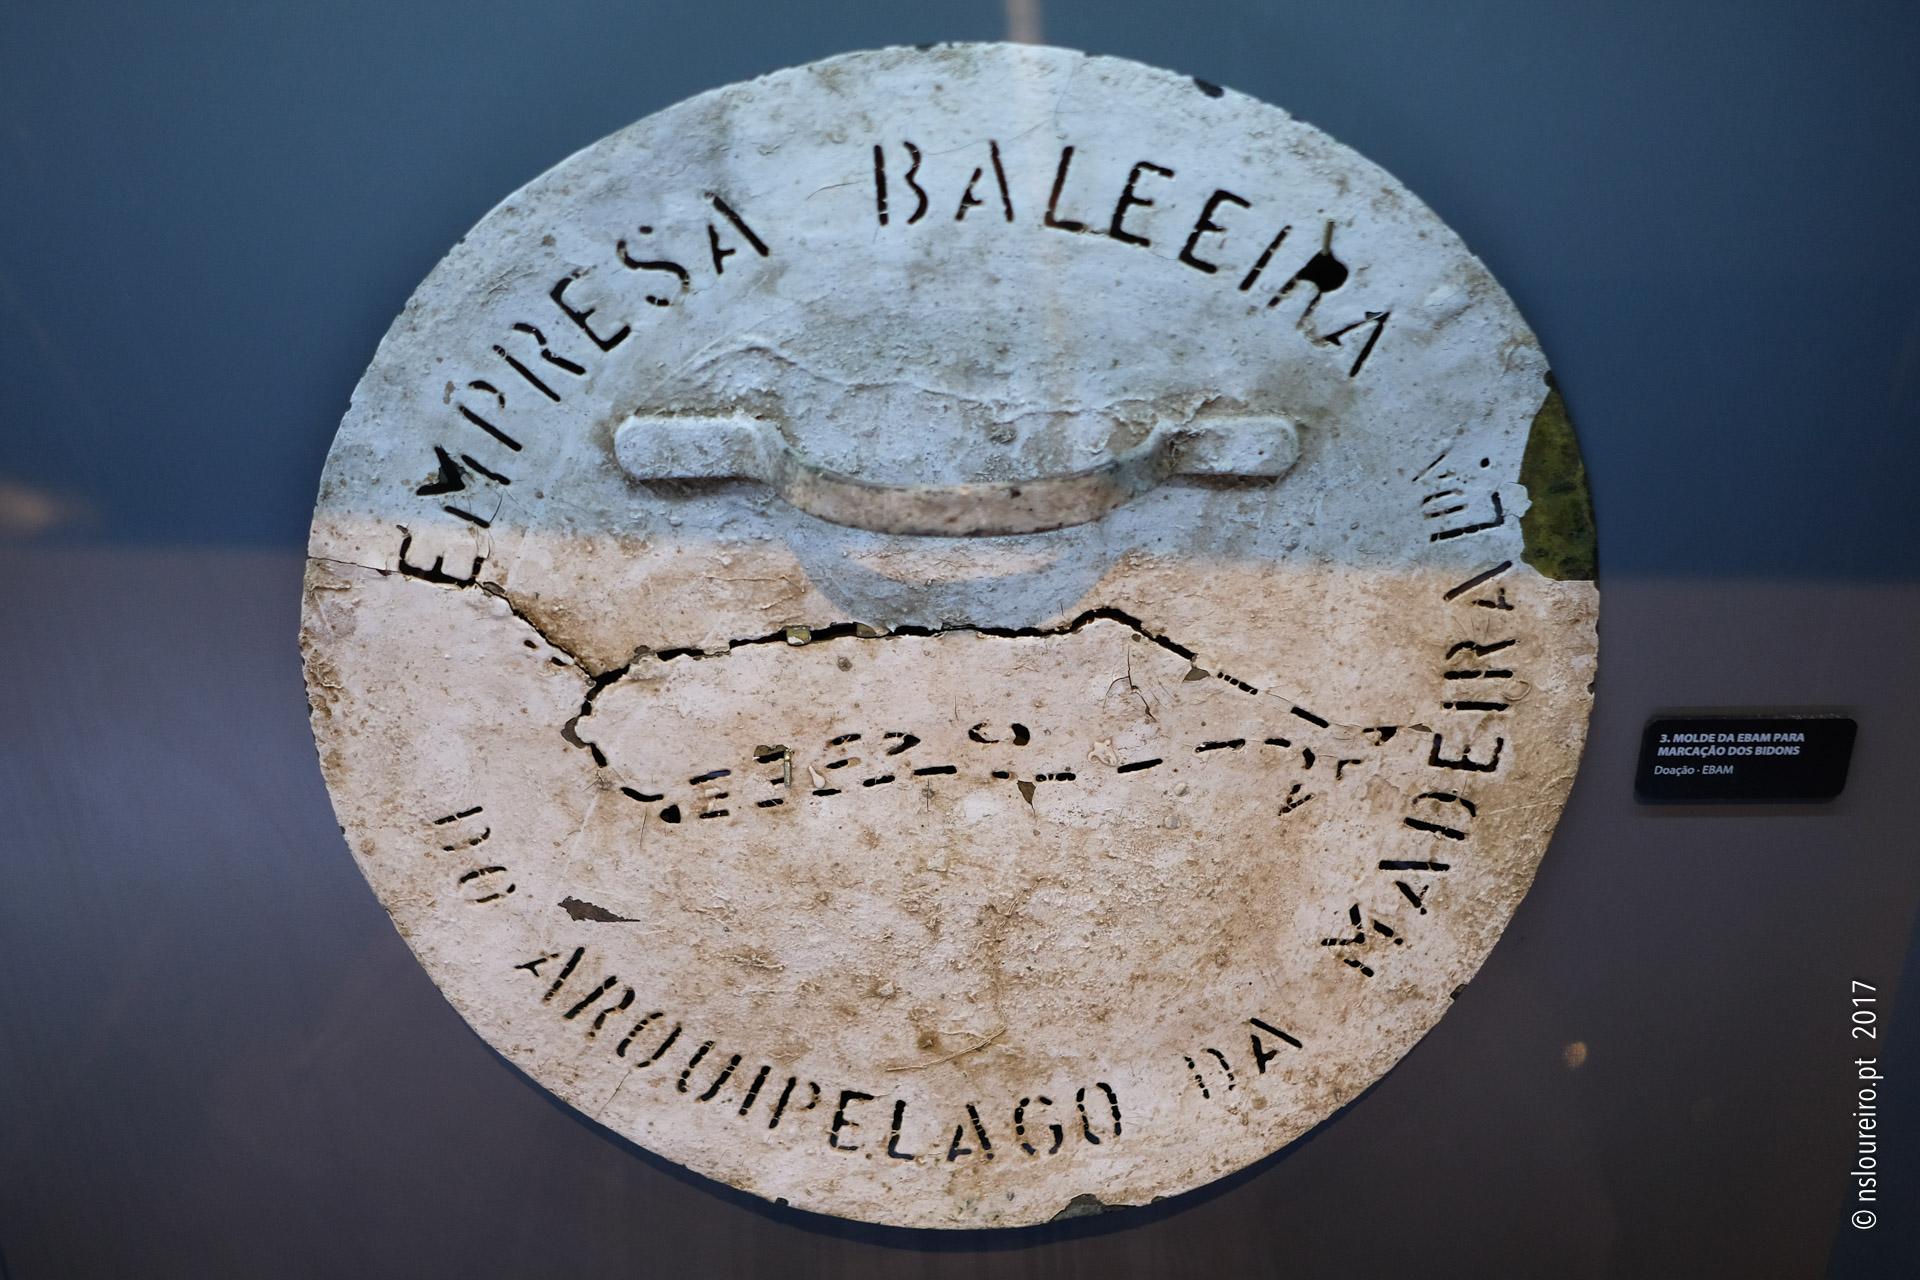 Museu da Baleia - Caniçal - Madeira